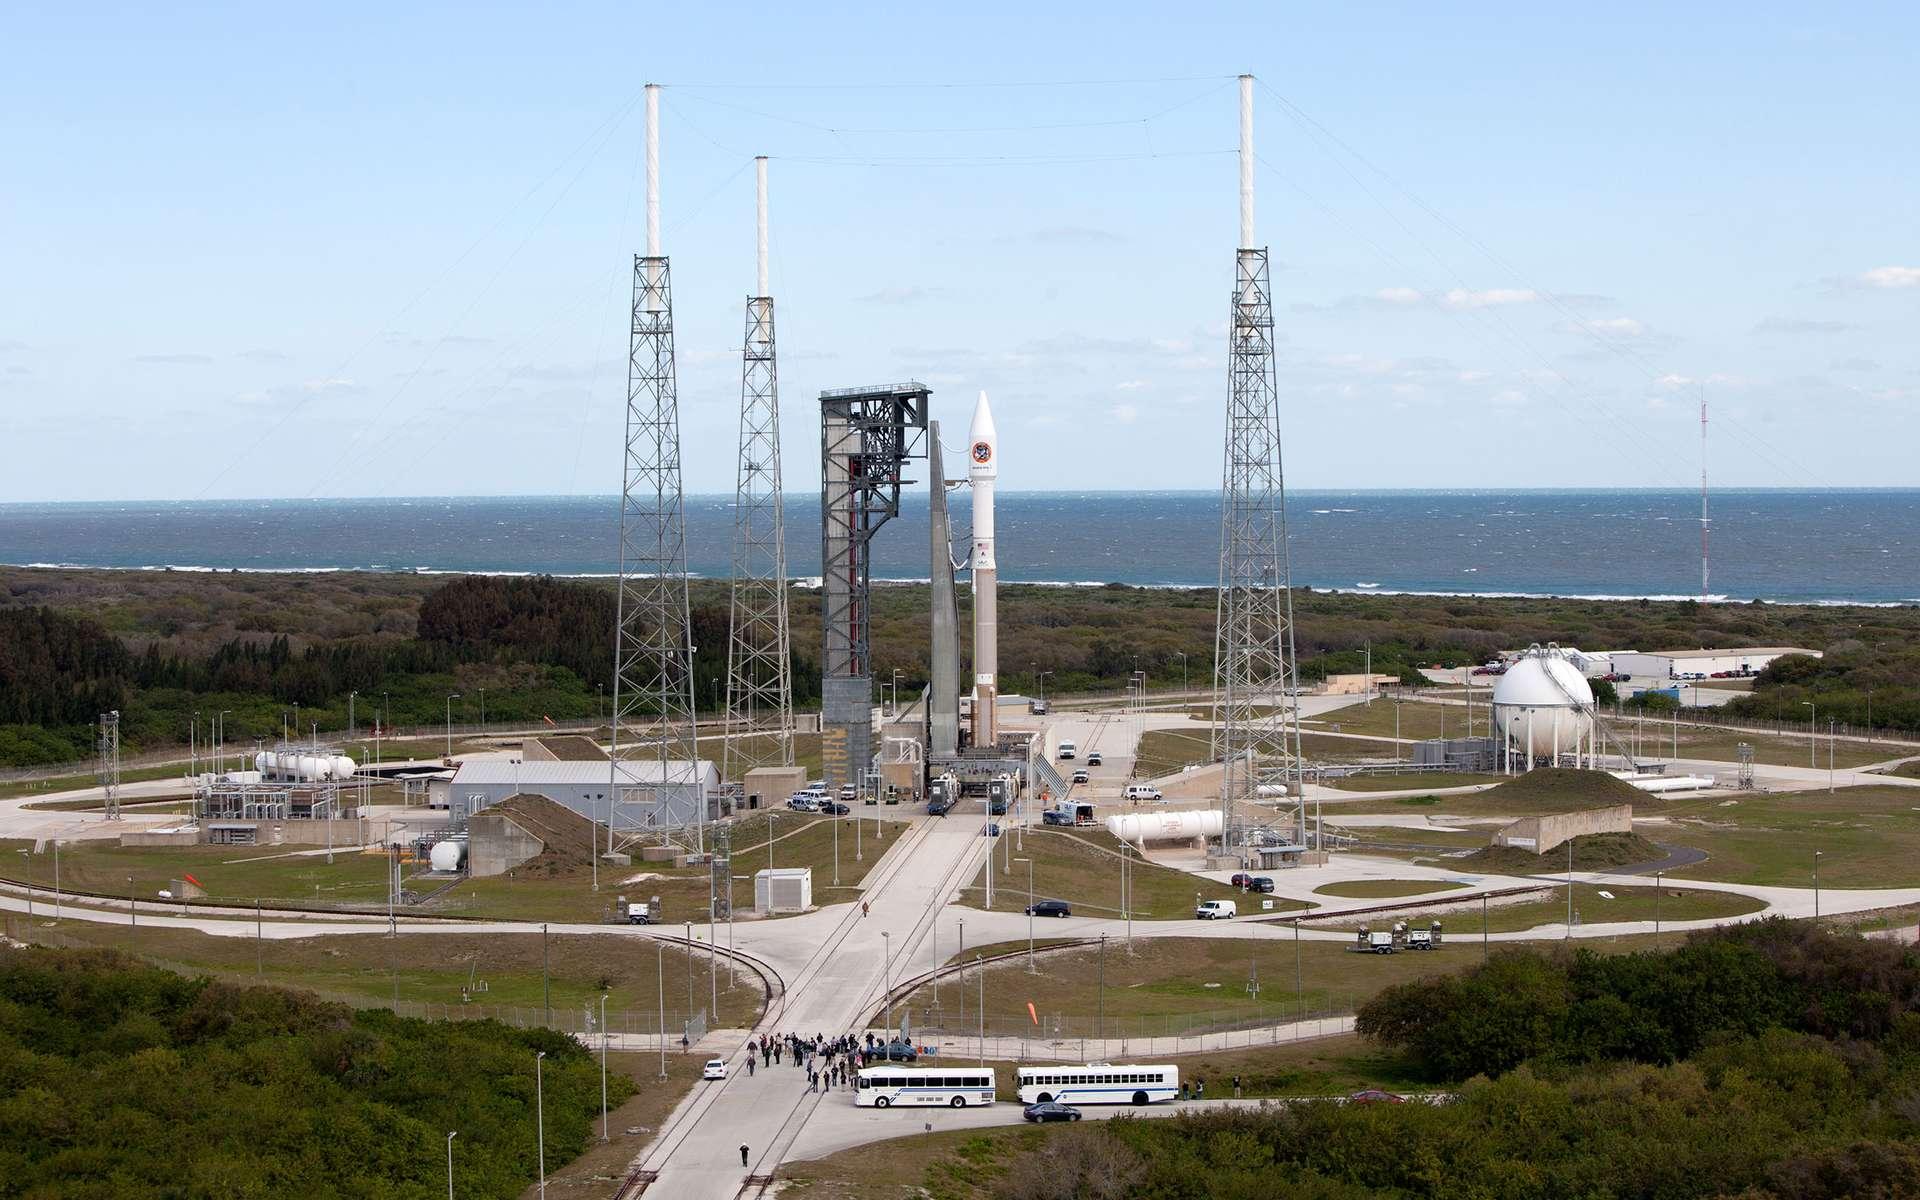 La Nasa s'apprête à provoquer « le plus grand incendie jamais provoqué par l'Homme dans l'espace ». Ici, le lanceur Atlas V avec à son bord le cargo Cygnus sur le pas de tir 41 de Cap Canaveral, en Floride. © Nasa, Bill White